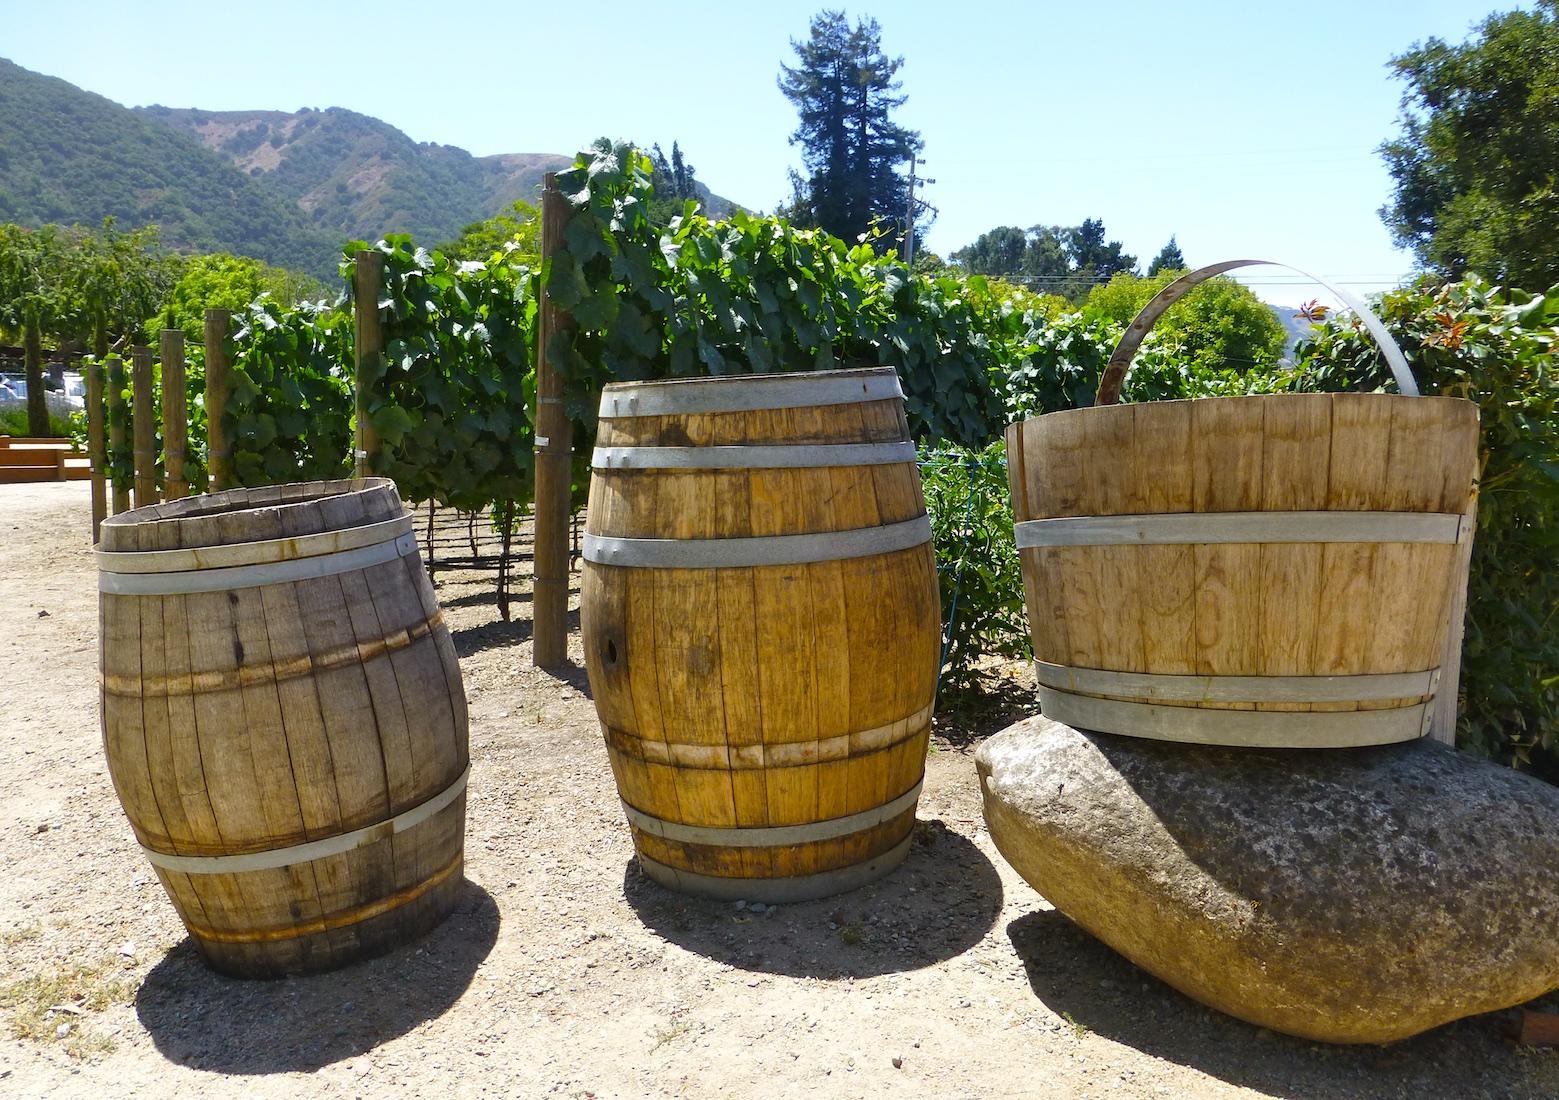 Wine tasting in Carmel Valley, California